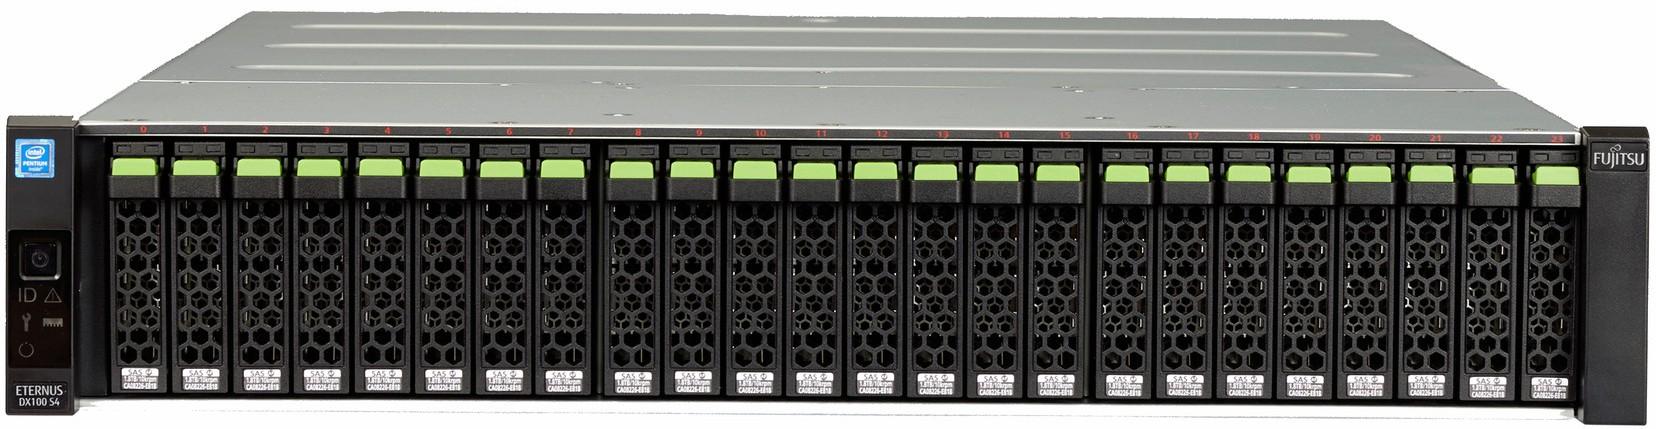 Fujitsu ETERNUS DX100 S4 Front